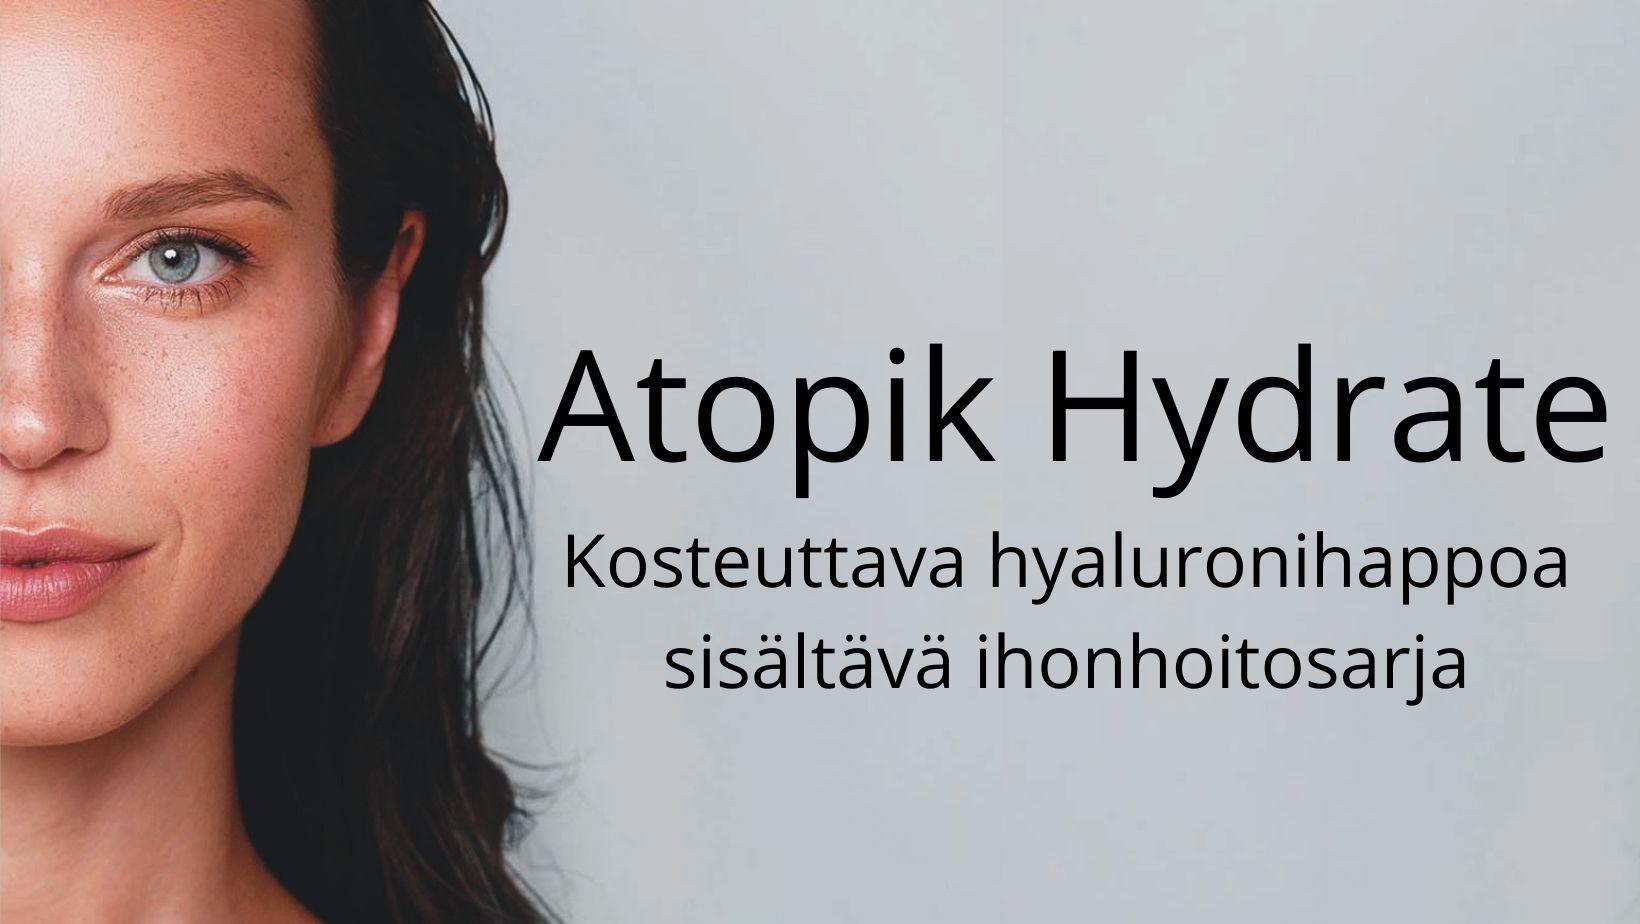 Atopik Hydrate, hyaluronihappoa sisältävä ihonhoitosarja